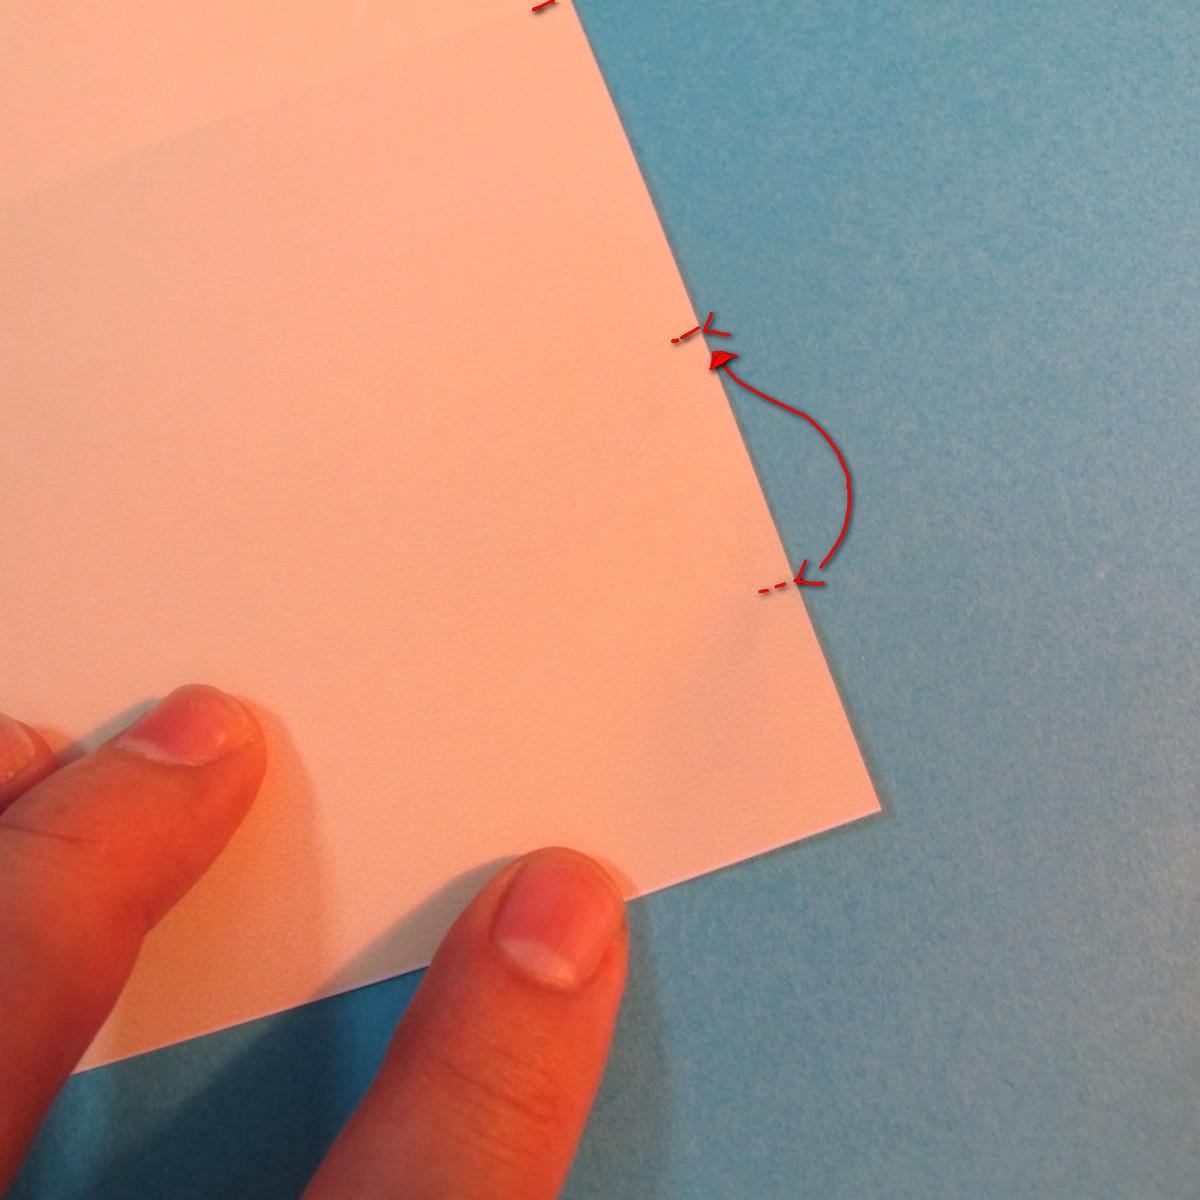 วิธีพับกระดาษเป็นผีเสื้อหางแฉก 005